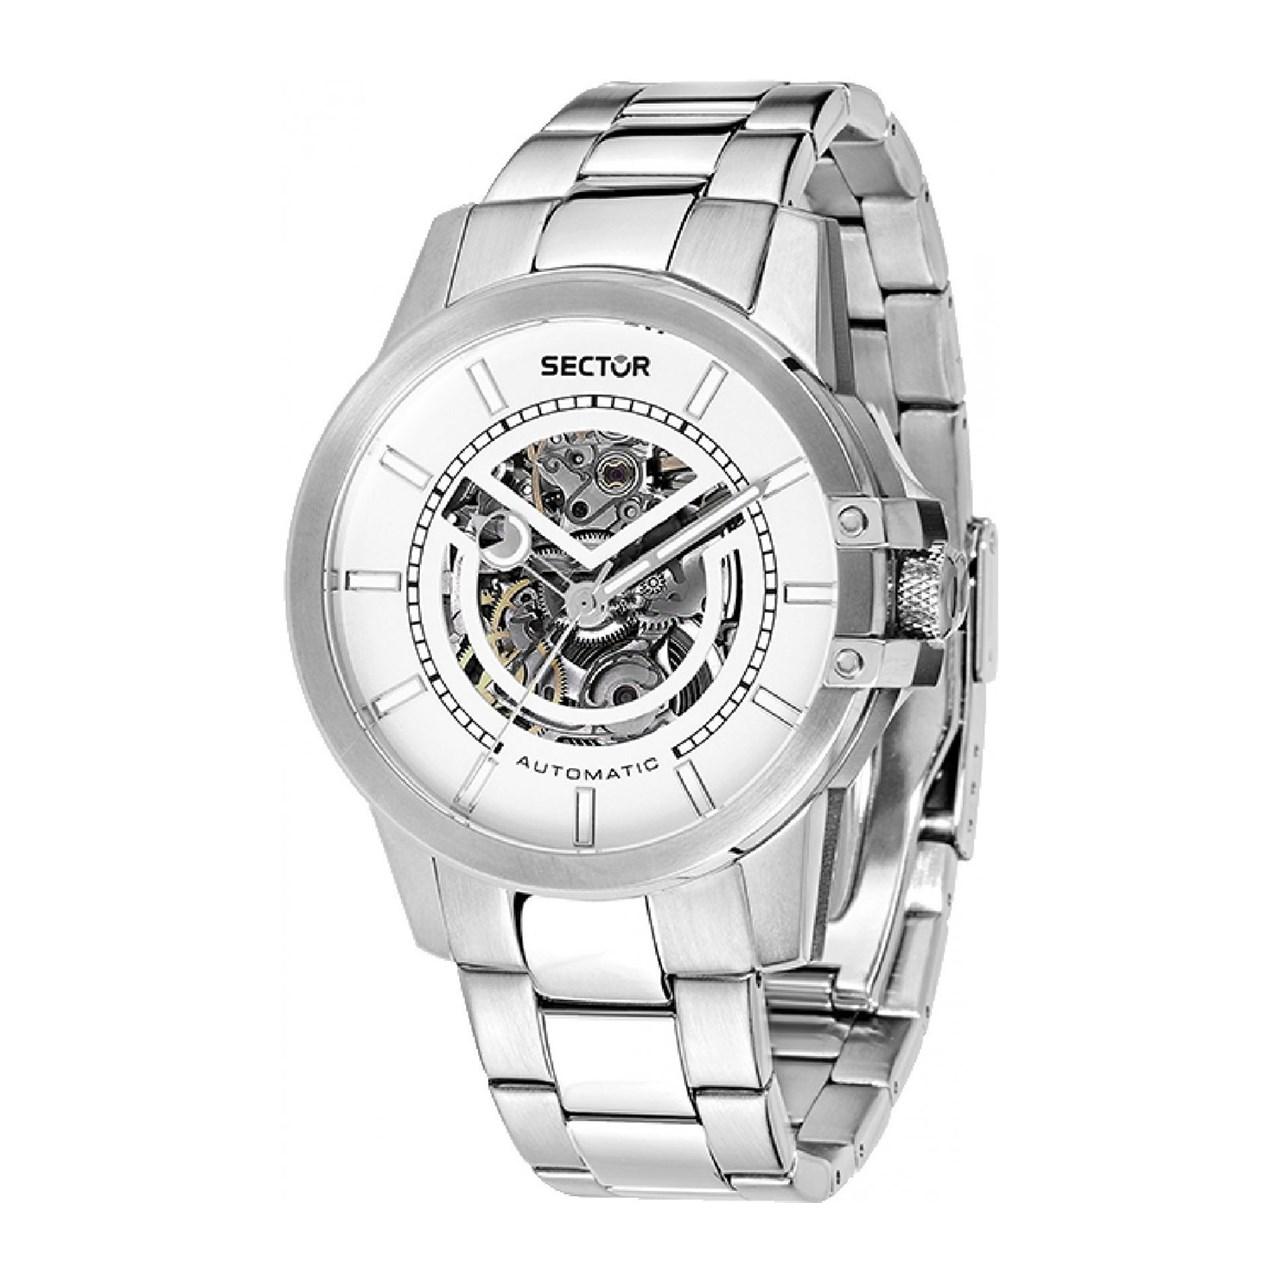 ساعت مچی عقربه ای مردانه  سکتور مدل 480-3223597001 52